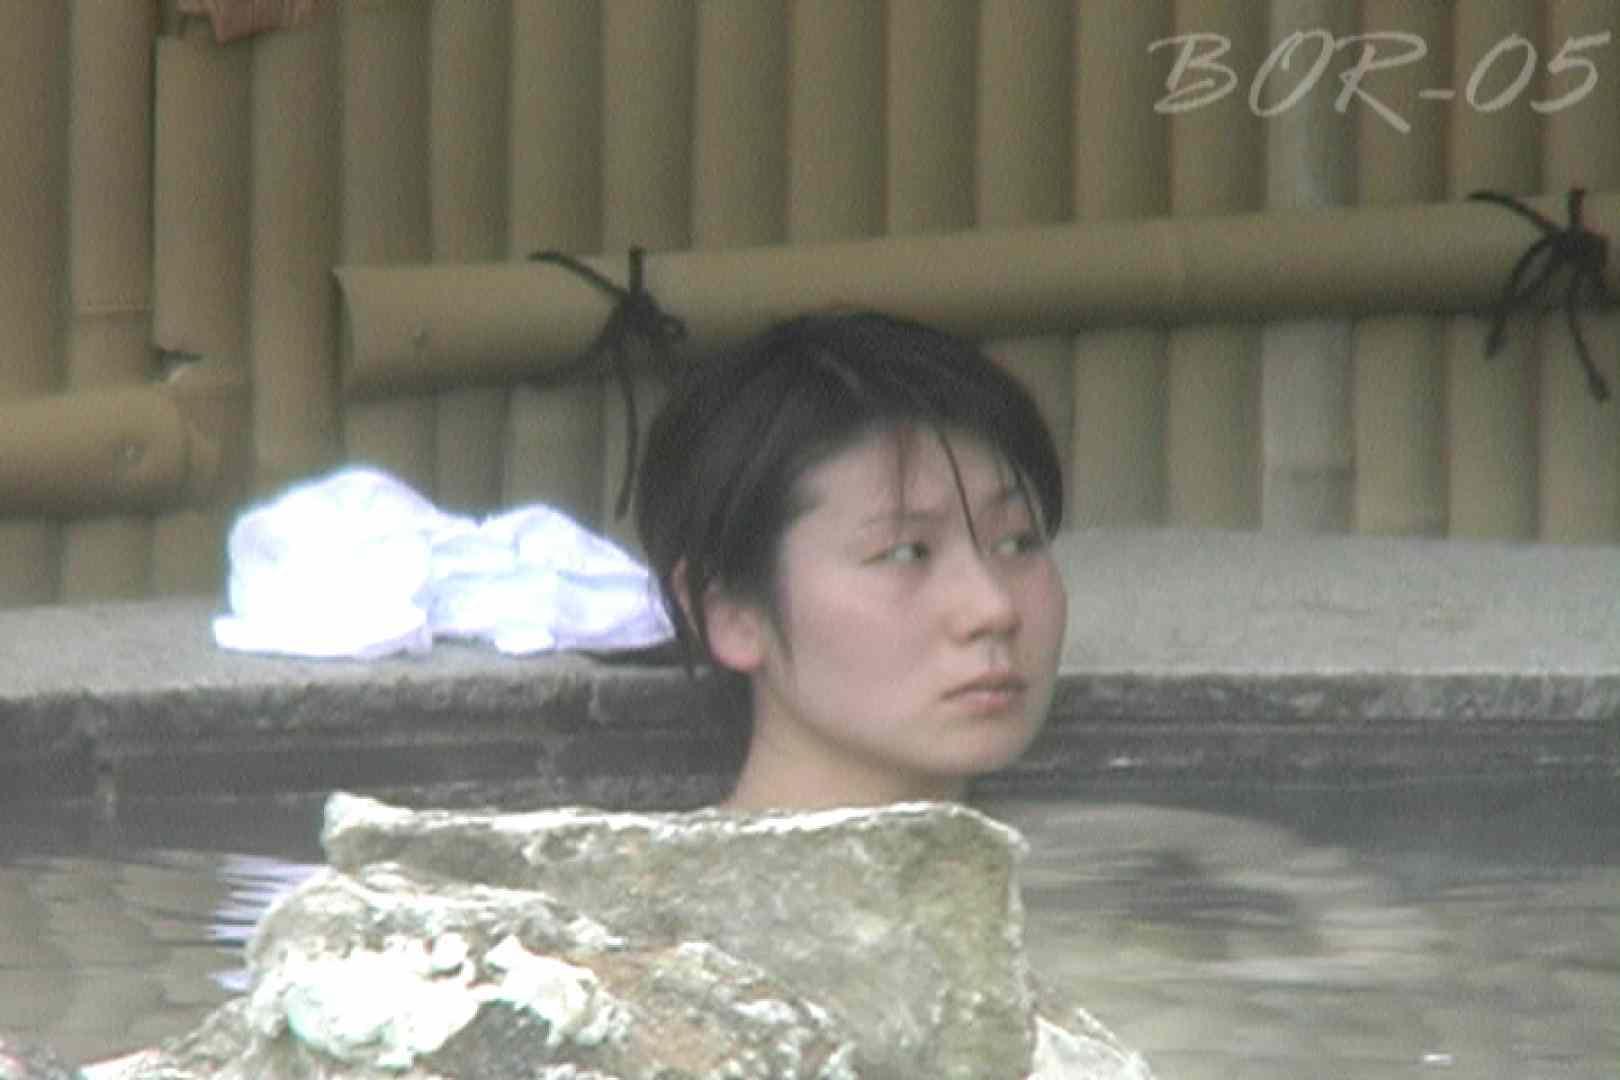 Aquaな露天風呂Vol.493 OLエロ画像  67PICs 33